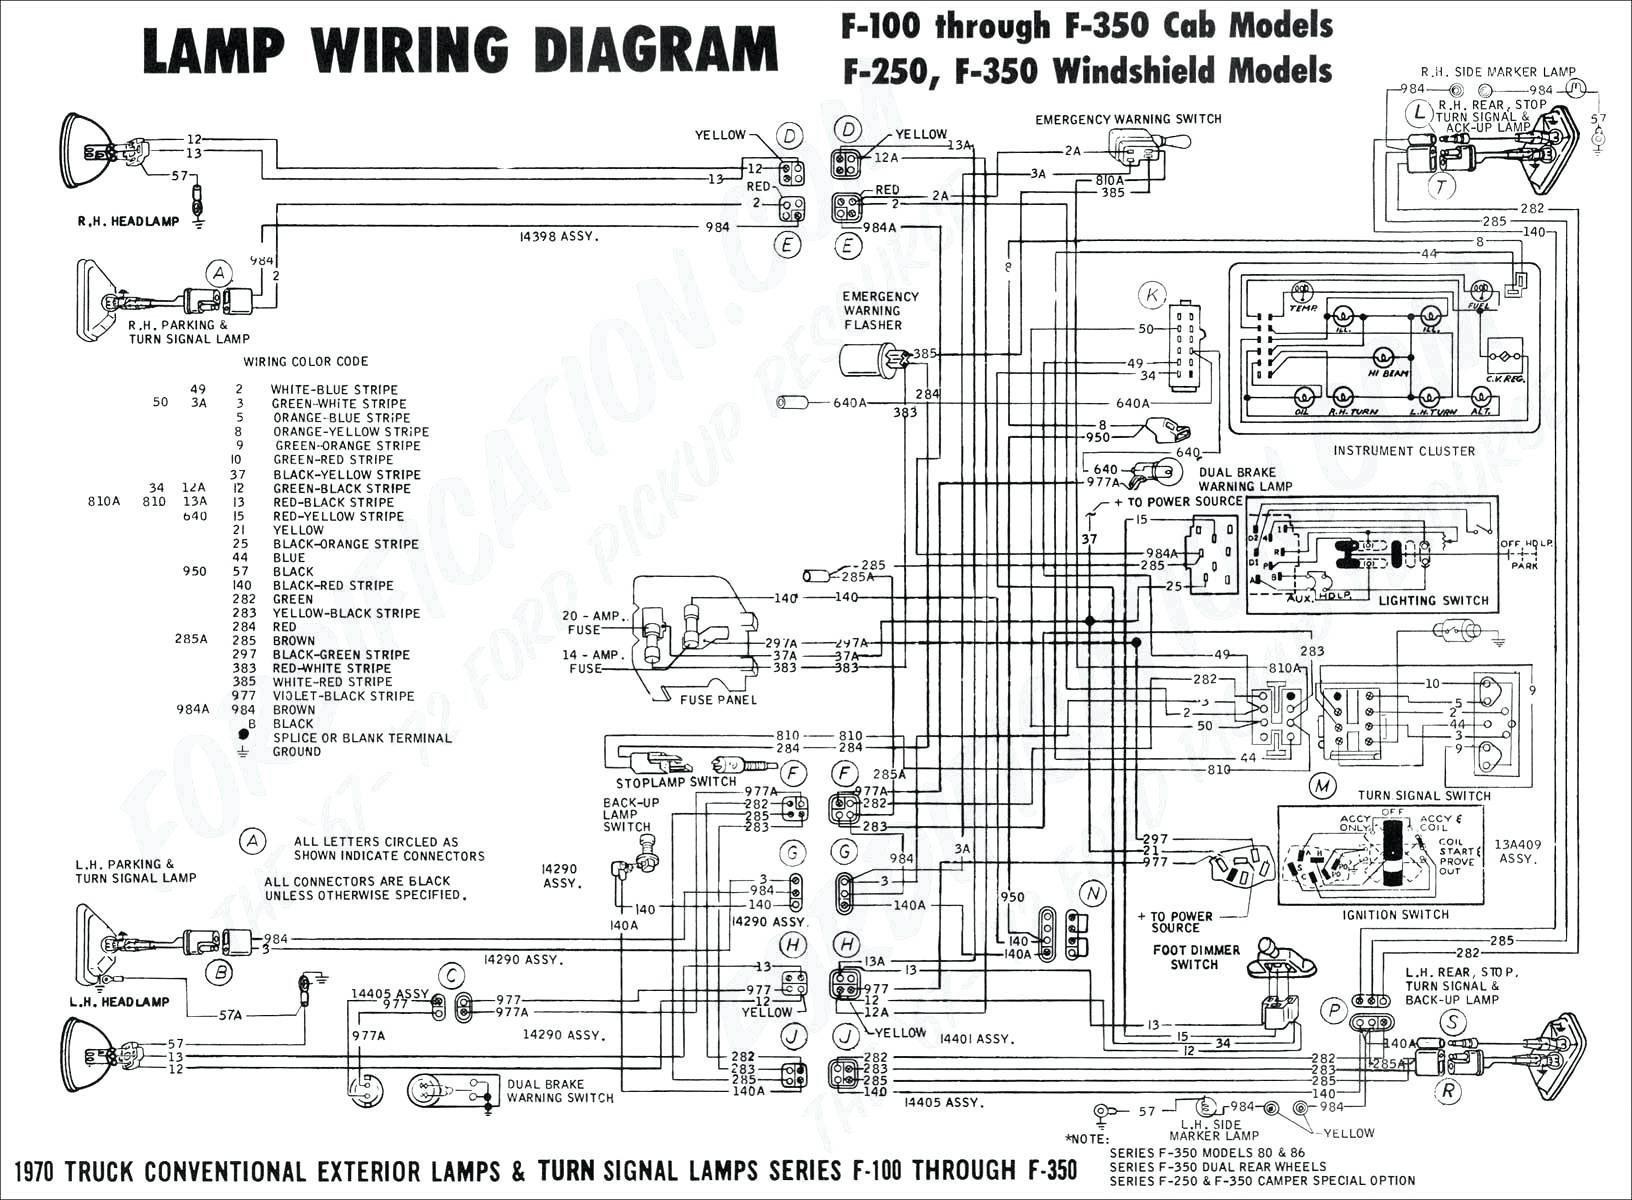 York Wiring Diagram